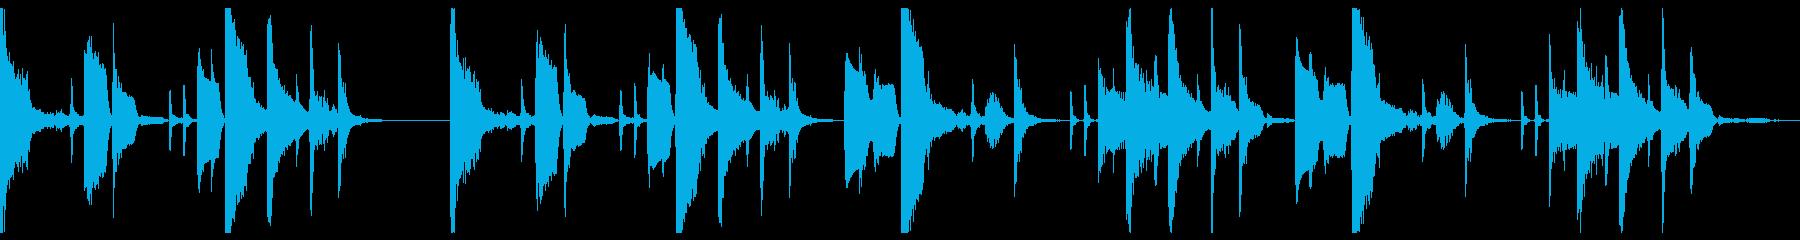 ミニマルITライフ_仮想空間_ループ仕様の再生済みの波形